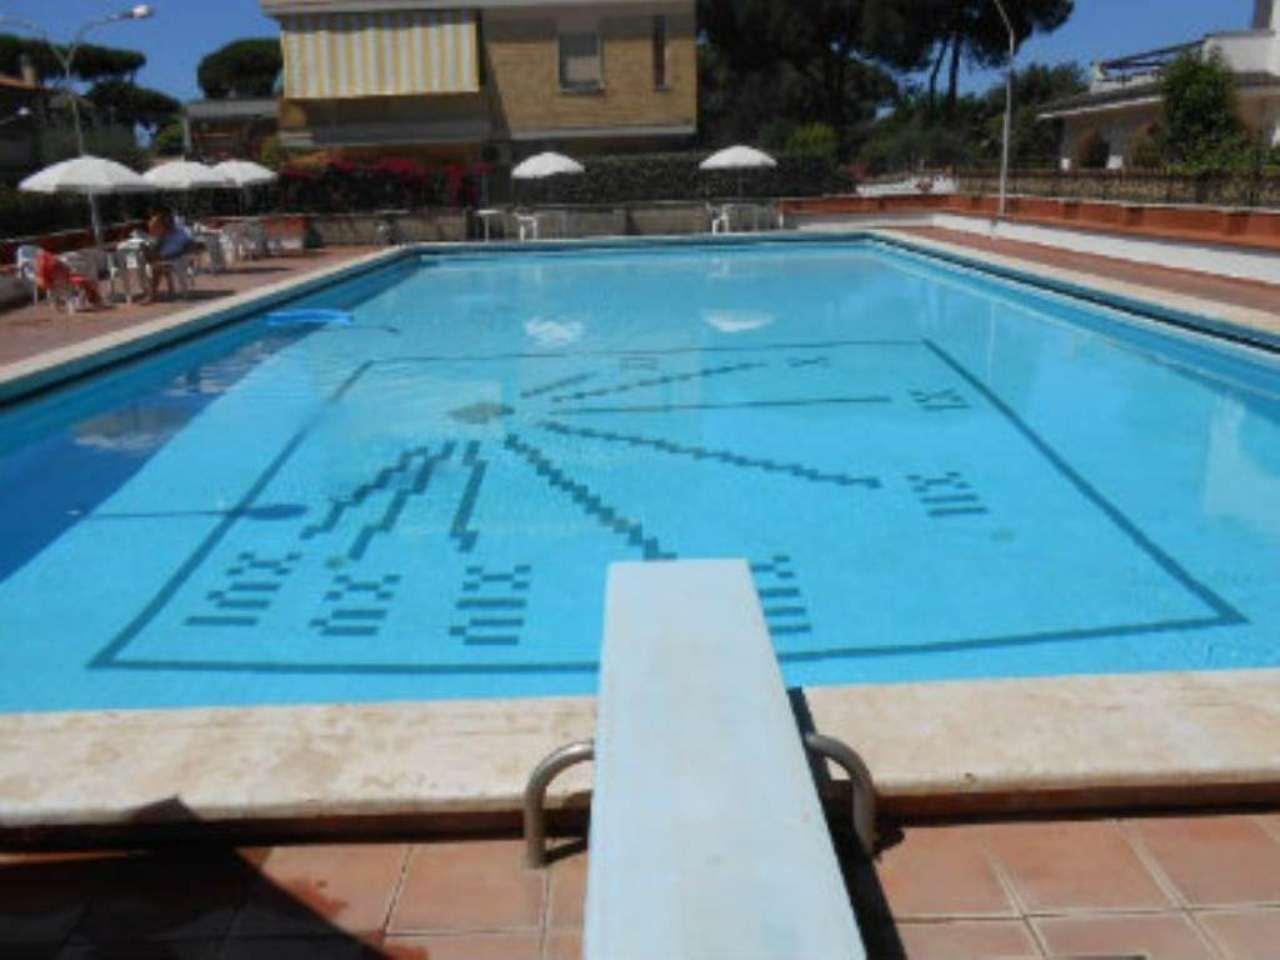 Attico / Mansarda in vendita a Anzio, 3 locali, prezzo € 105.000 | Cambio Casa.it